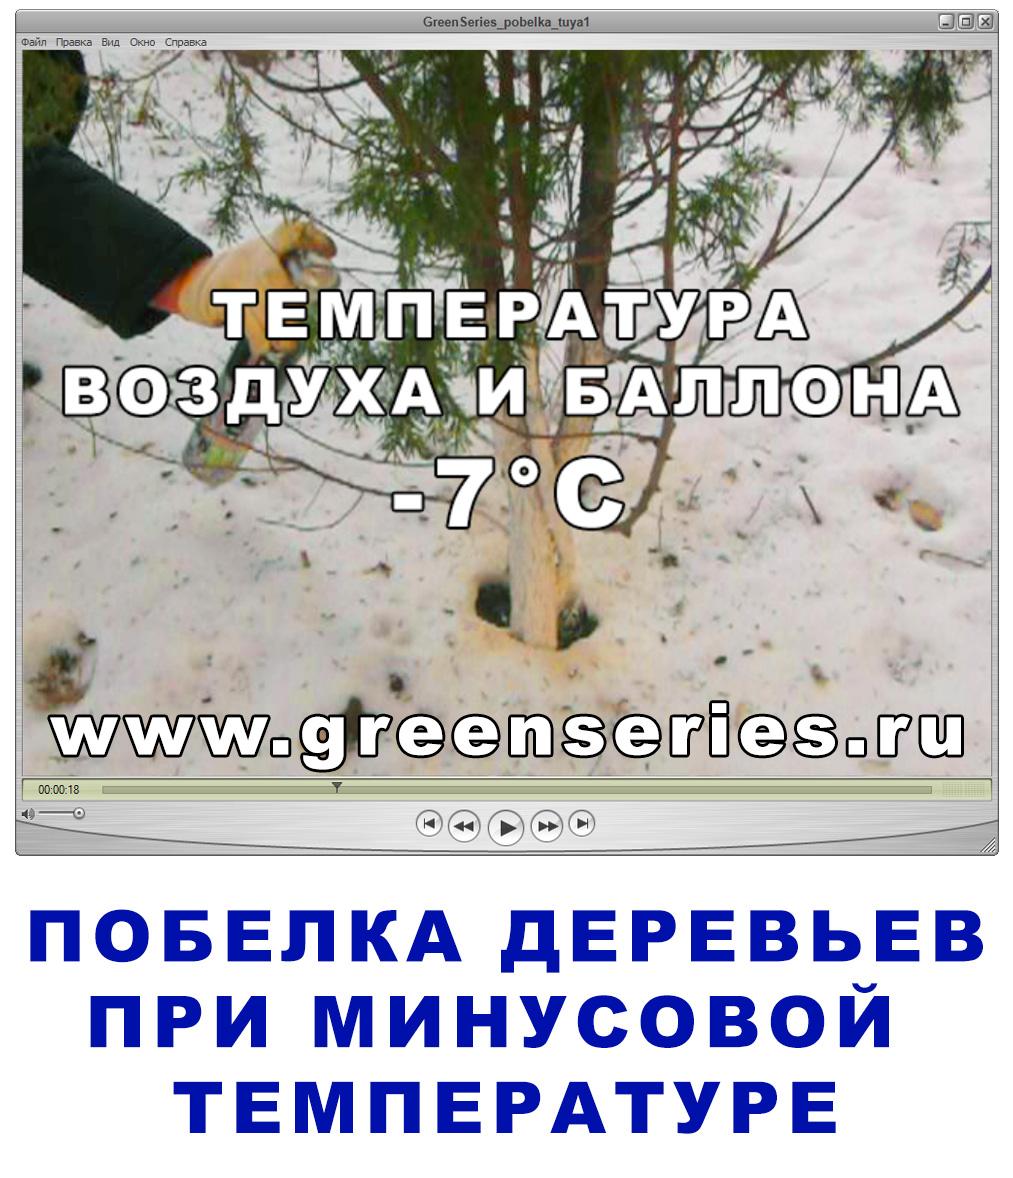 Защита стволов деревьев от солнечных ожогов ранней весной.